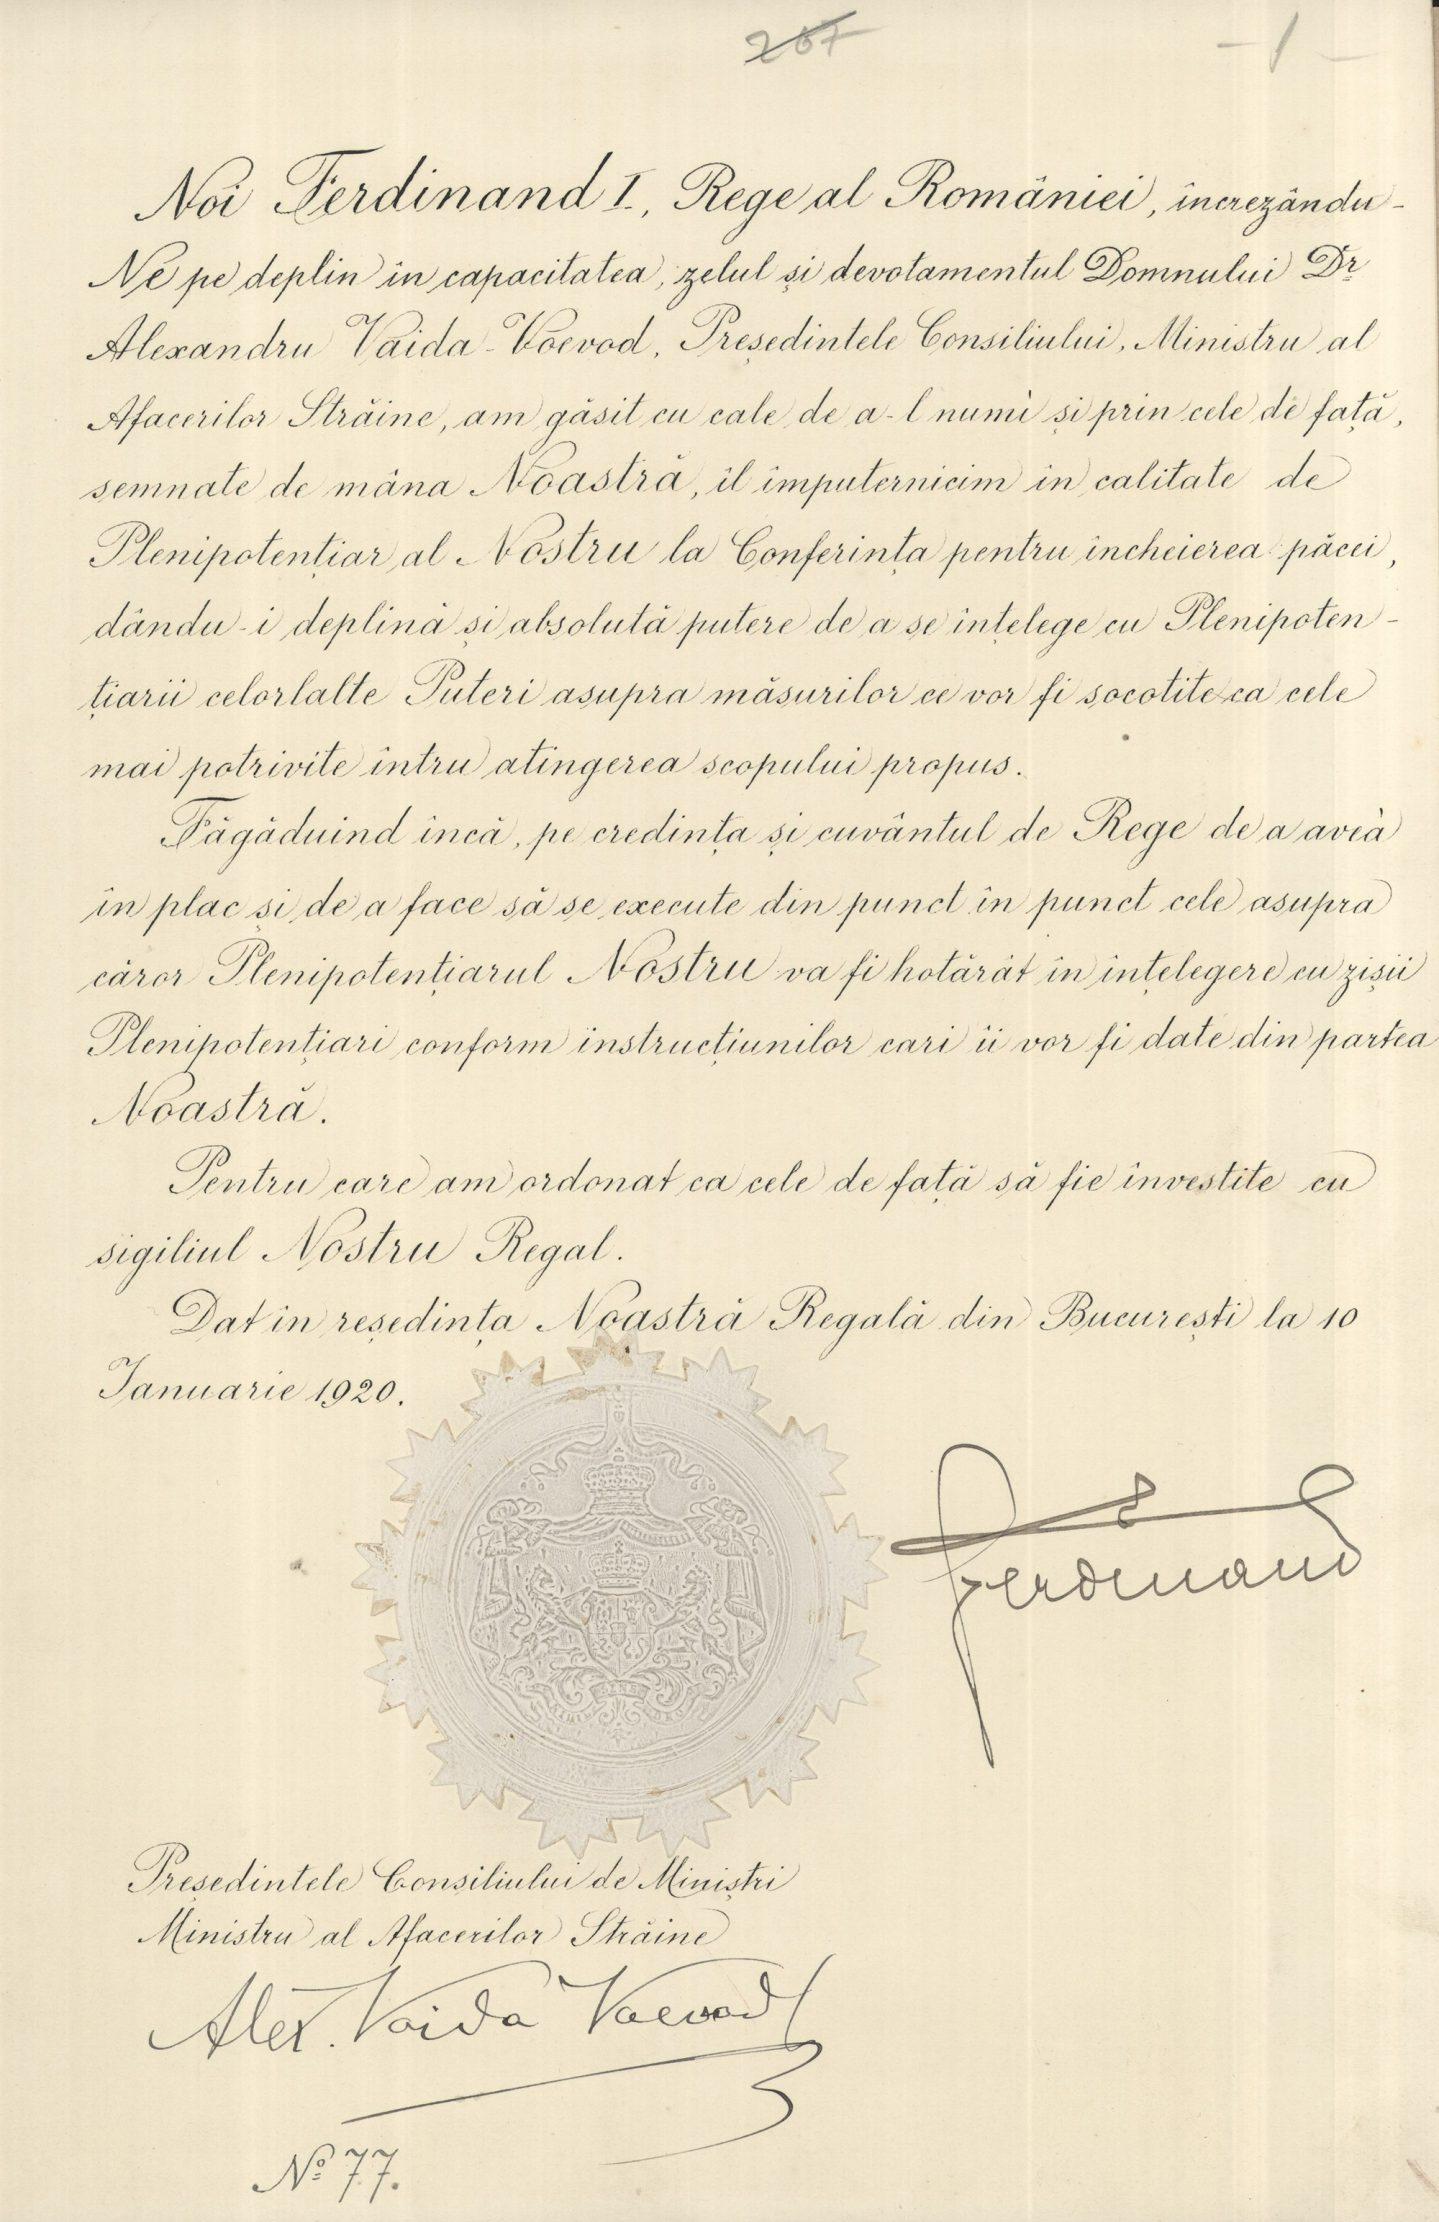 Decret Regal de numire a lui Alexandru Vaida-Voevod, președintele Consiliului de Miniștri, Ministru al Afacerilor Străine, în calitate de plenipotențiar al României la Conferința de Pace de la Paris, 10 ianuarie 1920, ANR, SANIC, fond pers. Vaida-Voevod, dosar 118, f. 2.